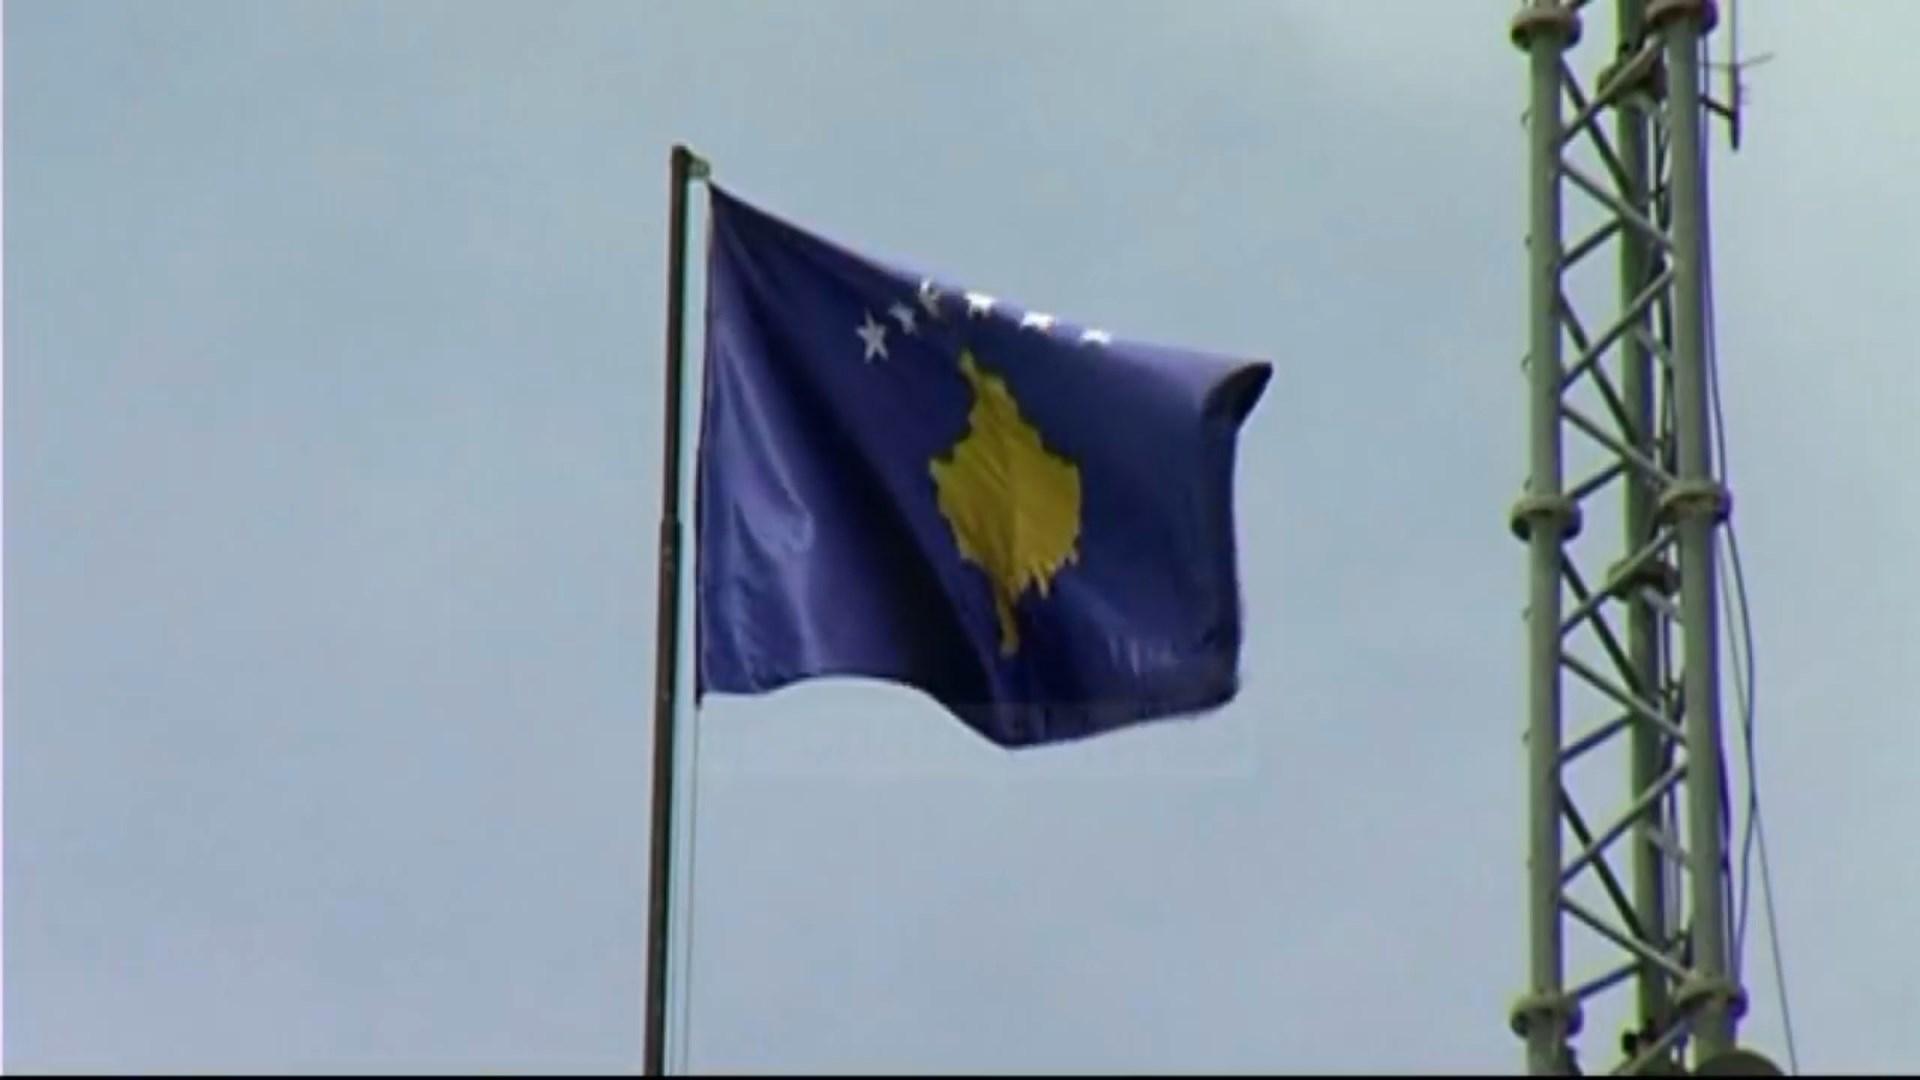 Burime diplomatike në Francë: S'ka liberalizim vizash për Kosovën pa përmbushur kushtet